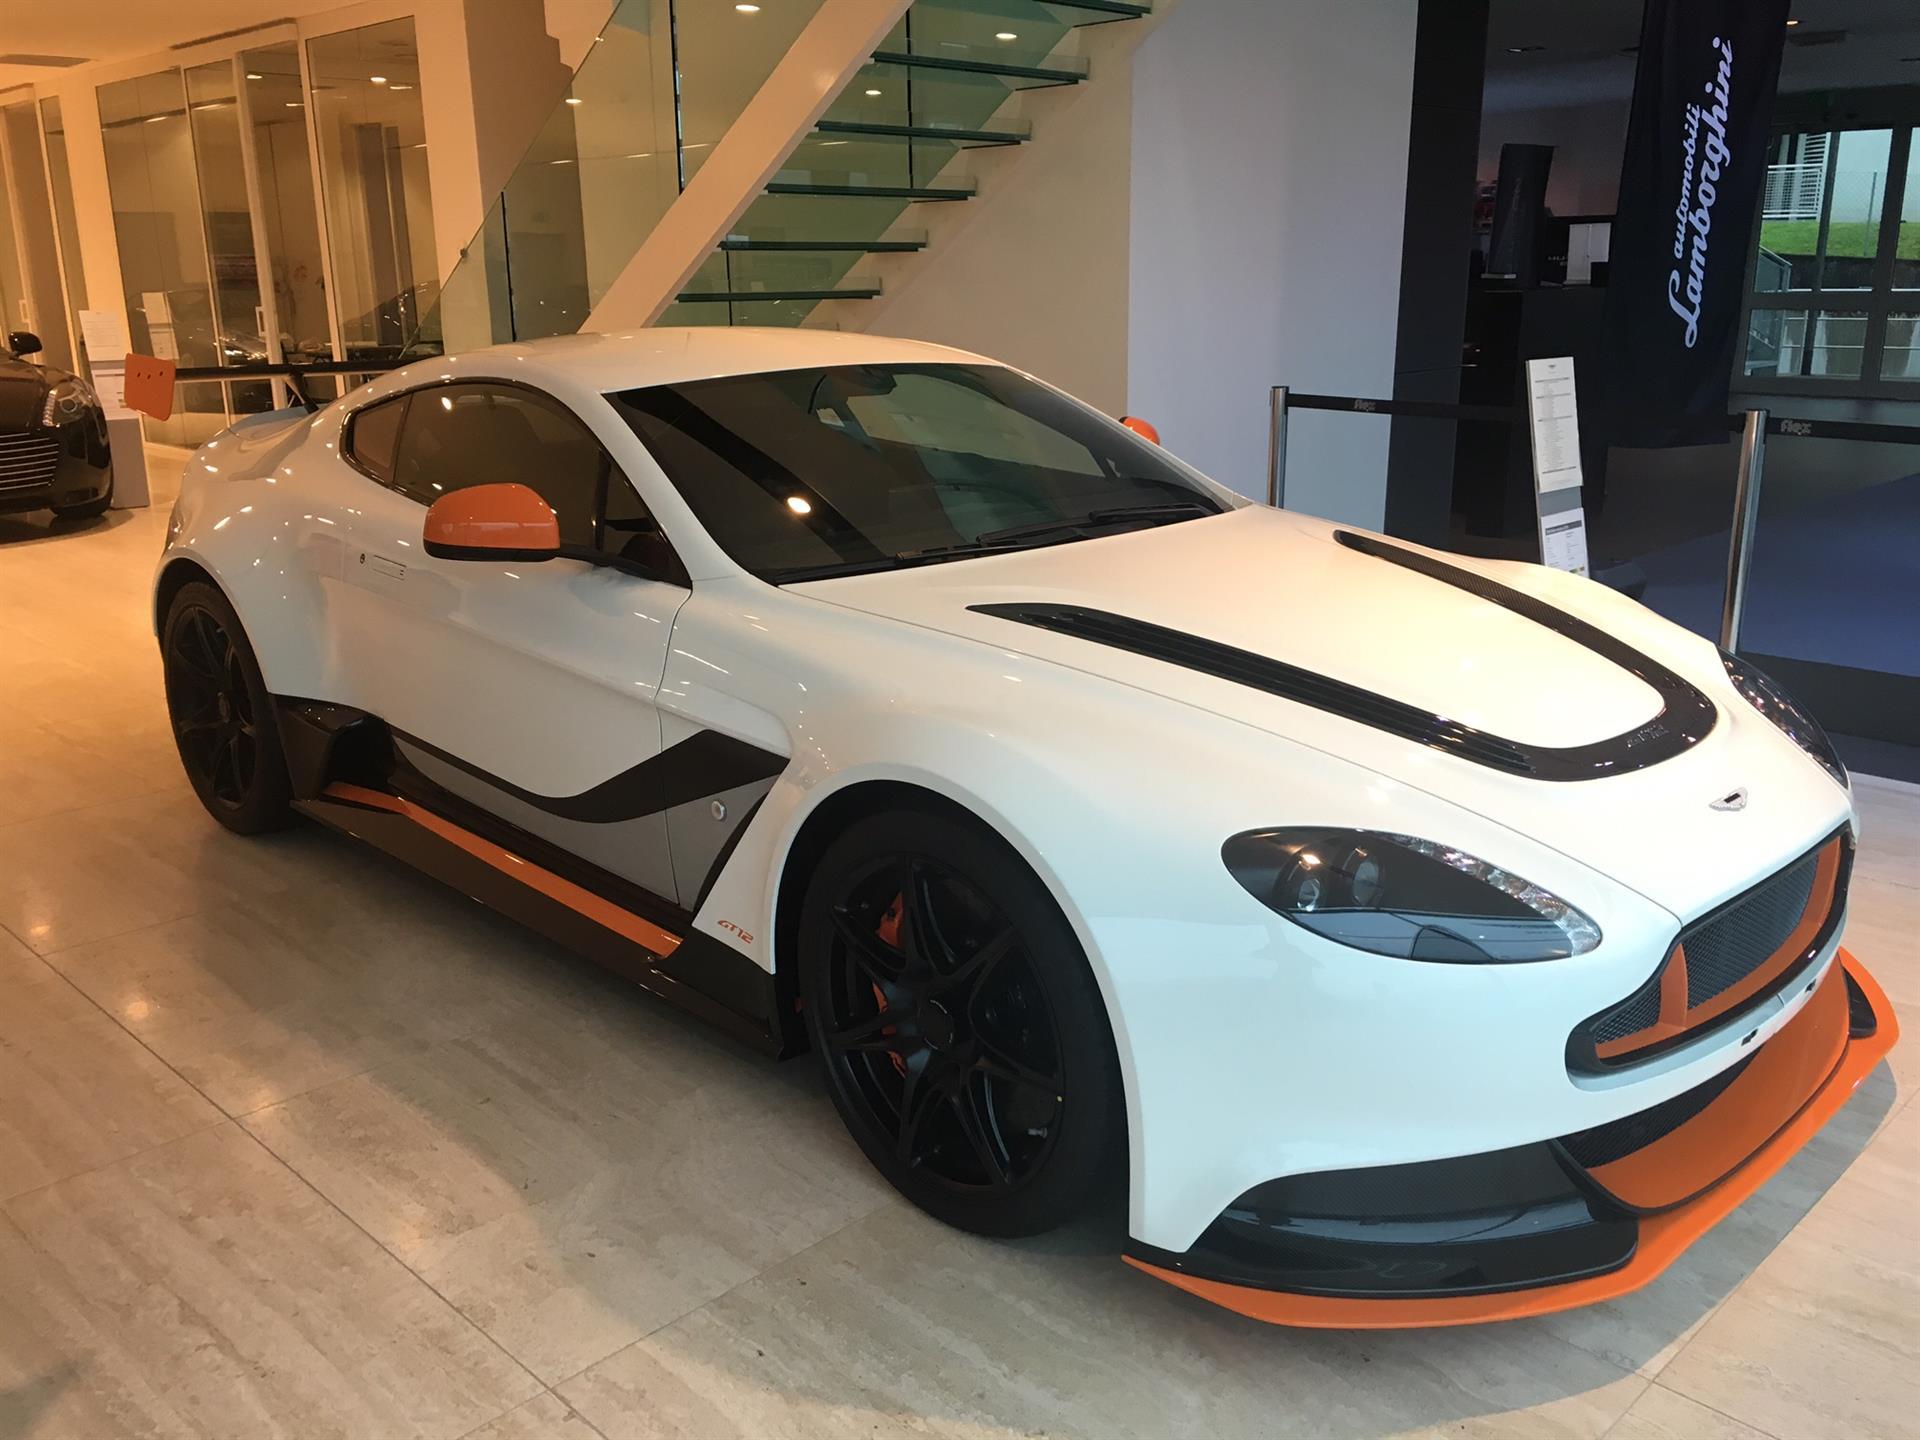 PreOwned Aston Martin Cadenazzo Official Aston Martin Dealer - Aston martin preowned